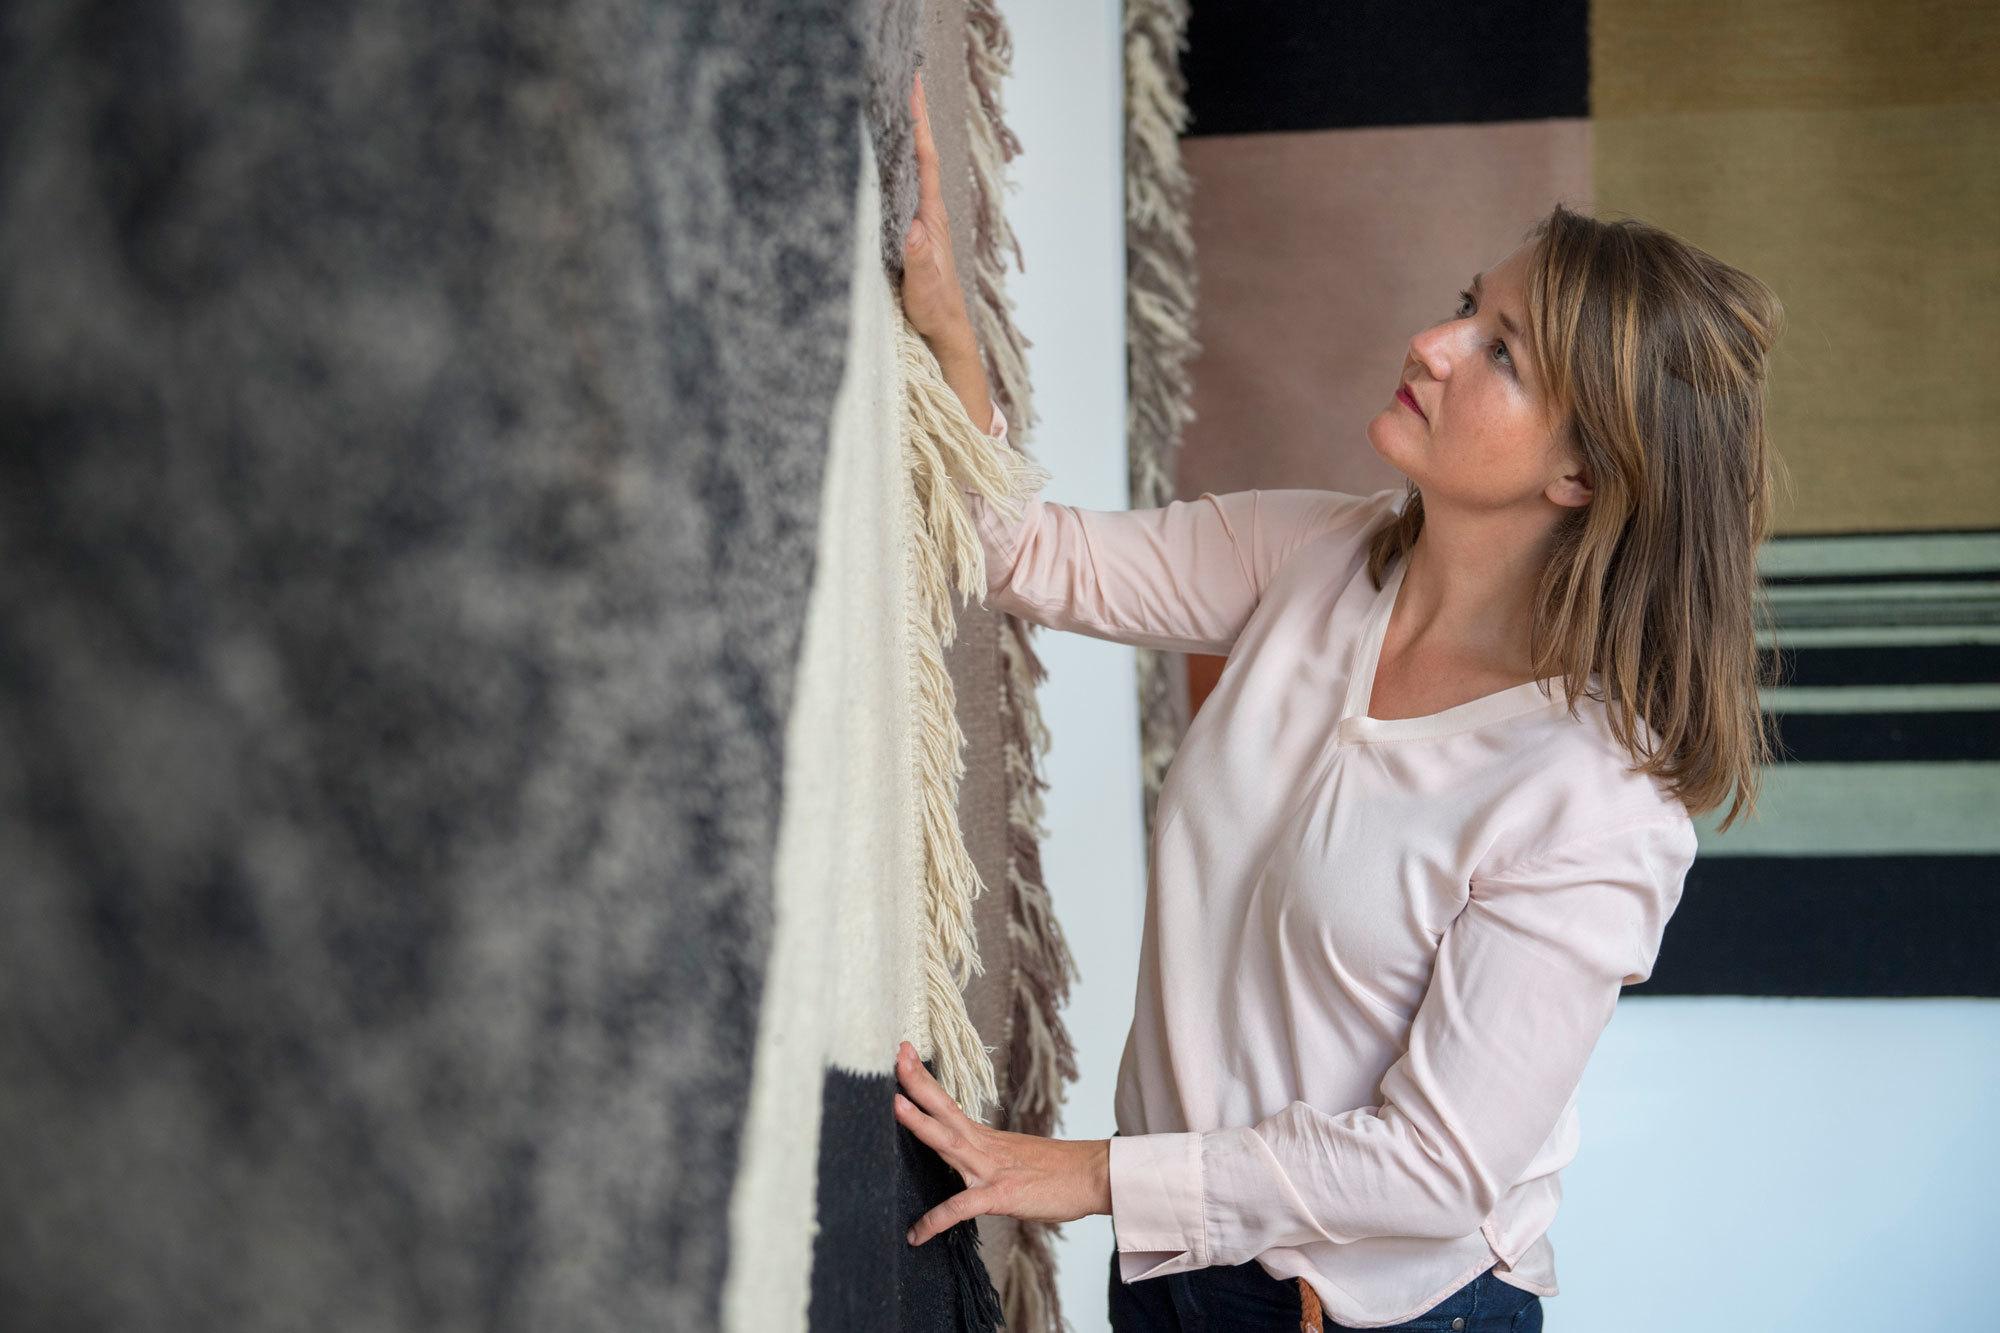 Mareike Lienau hat Lyk Carpet 2009 in Berlin gegründet. Die Teppiche werden von der Designerin entworfen und in einer Manufaktur in Nepal handgefertigt. Foto/ Copyright: Lyk Carpet